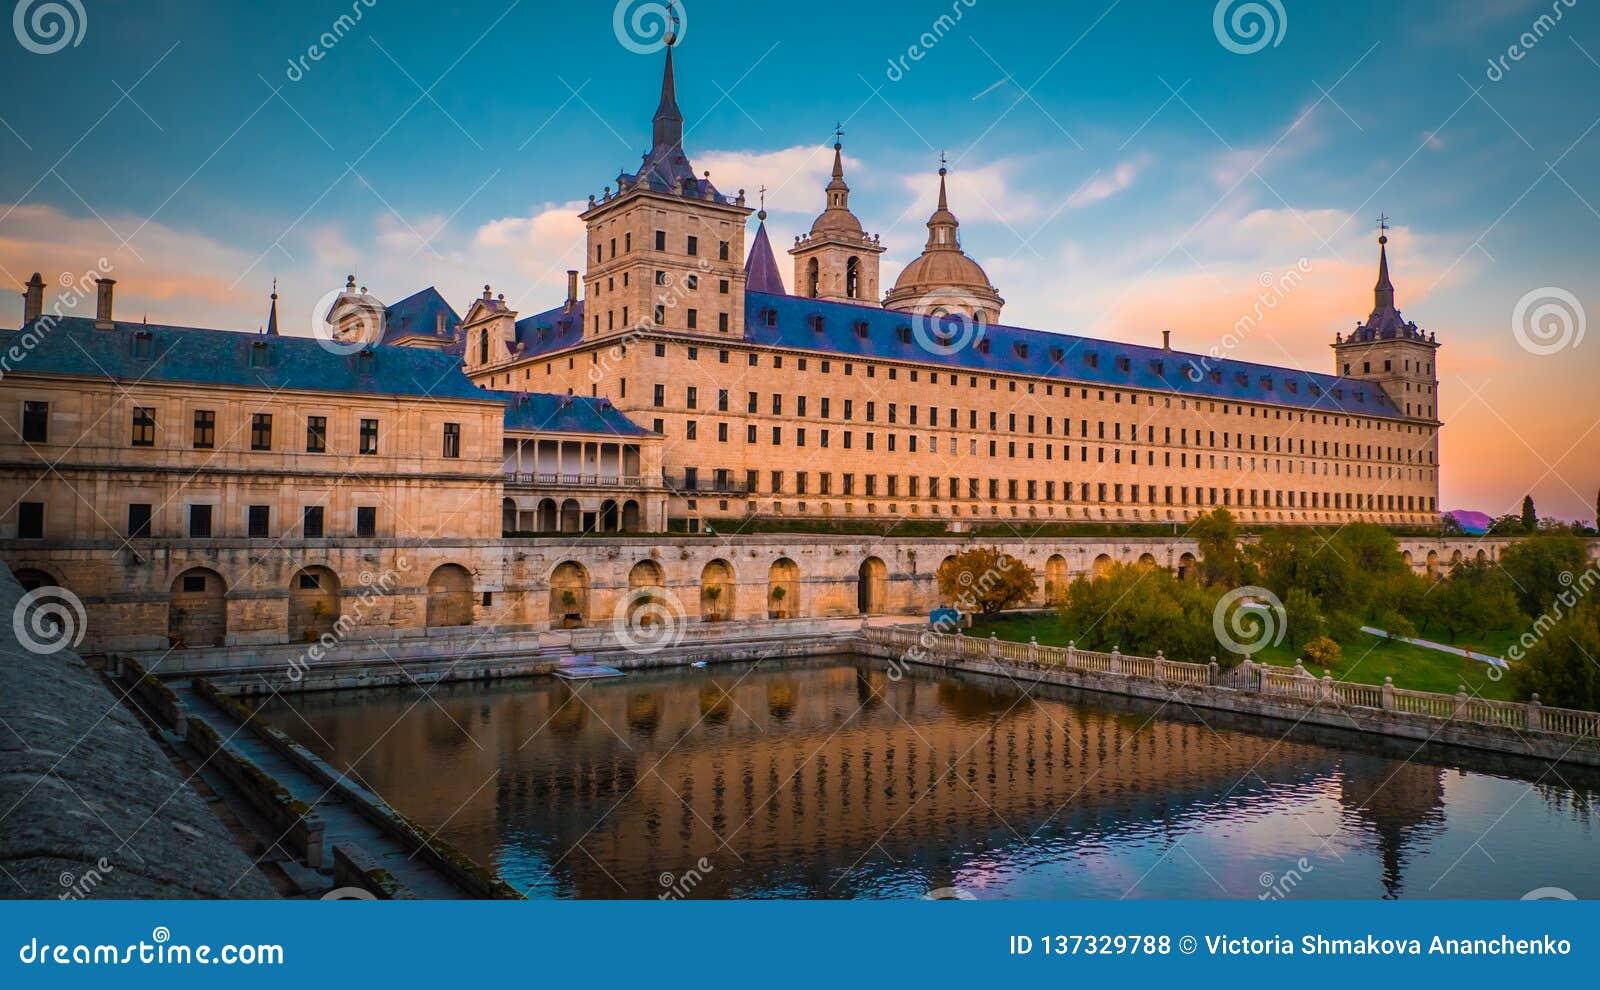 Het klooster en de koninklijke plaats Gr Escorial in Spanje bij zonsondergang met bezinning in een vijver